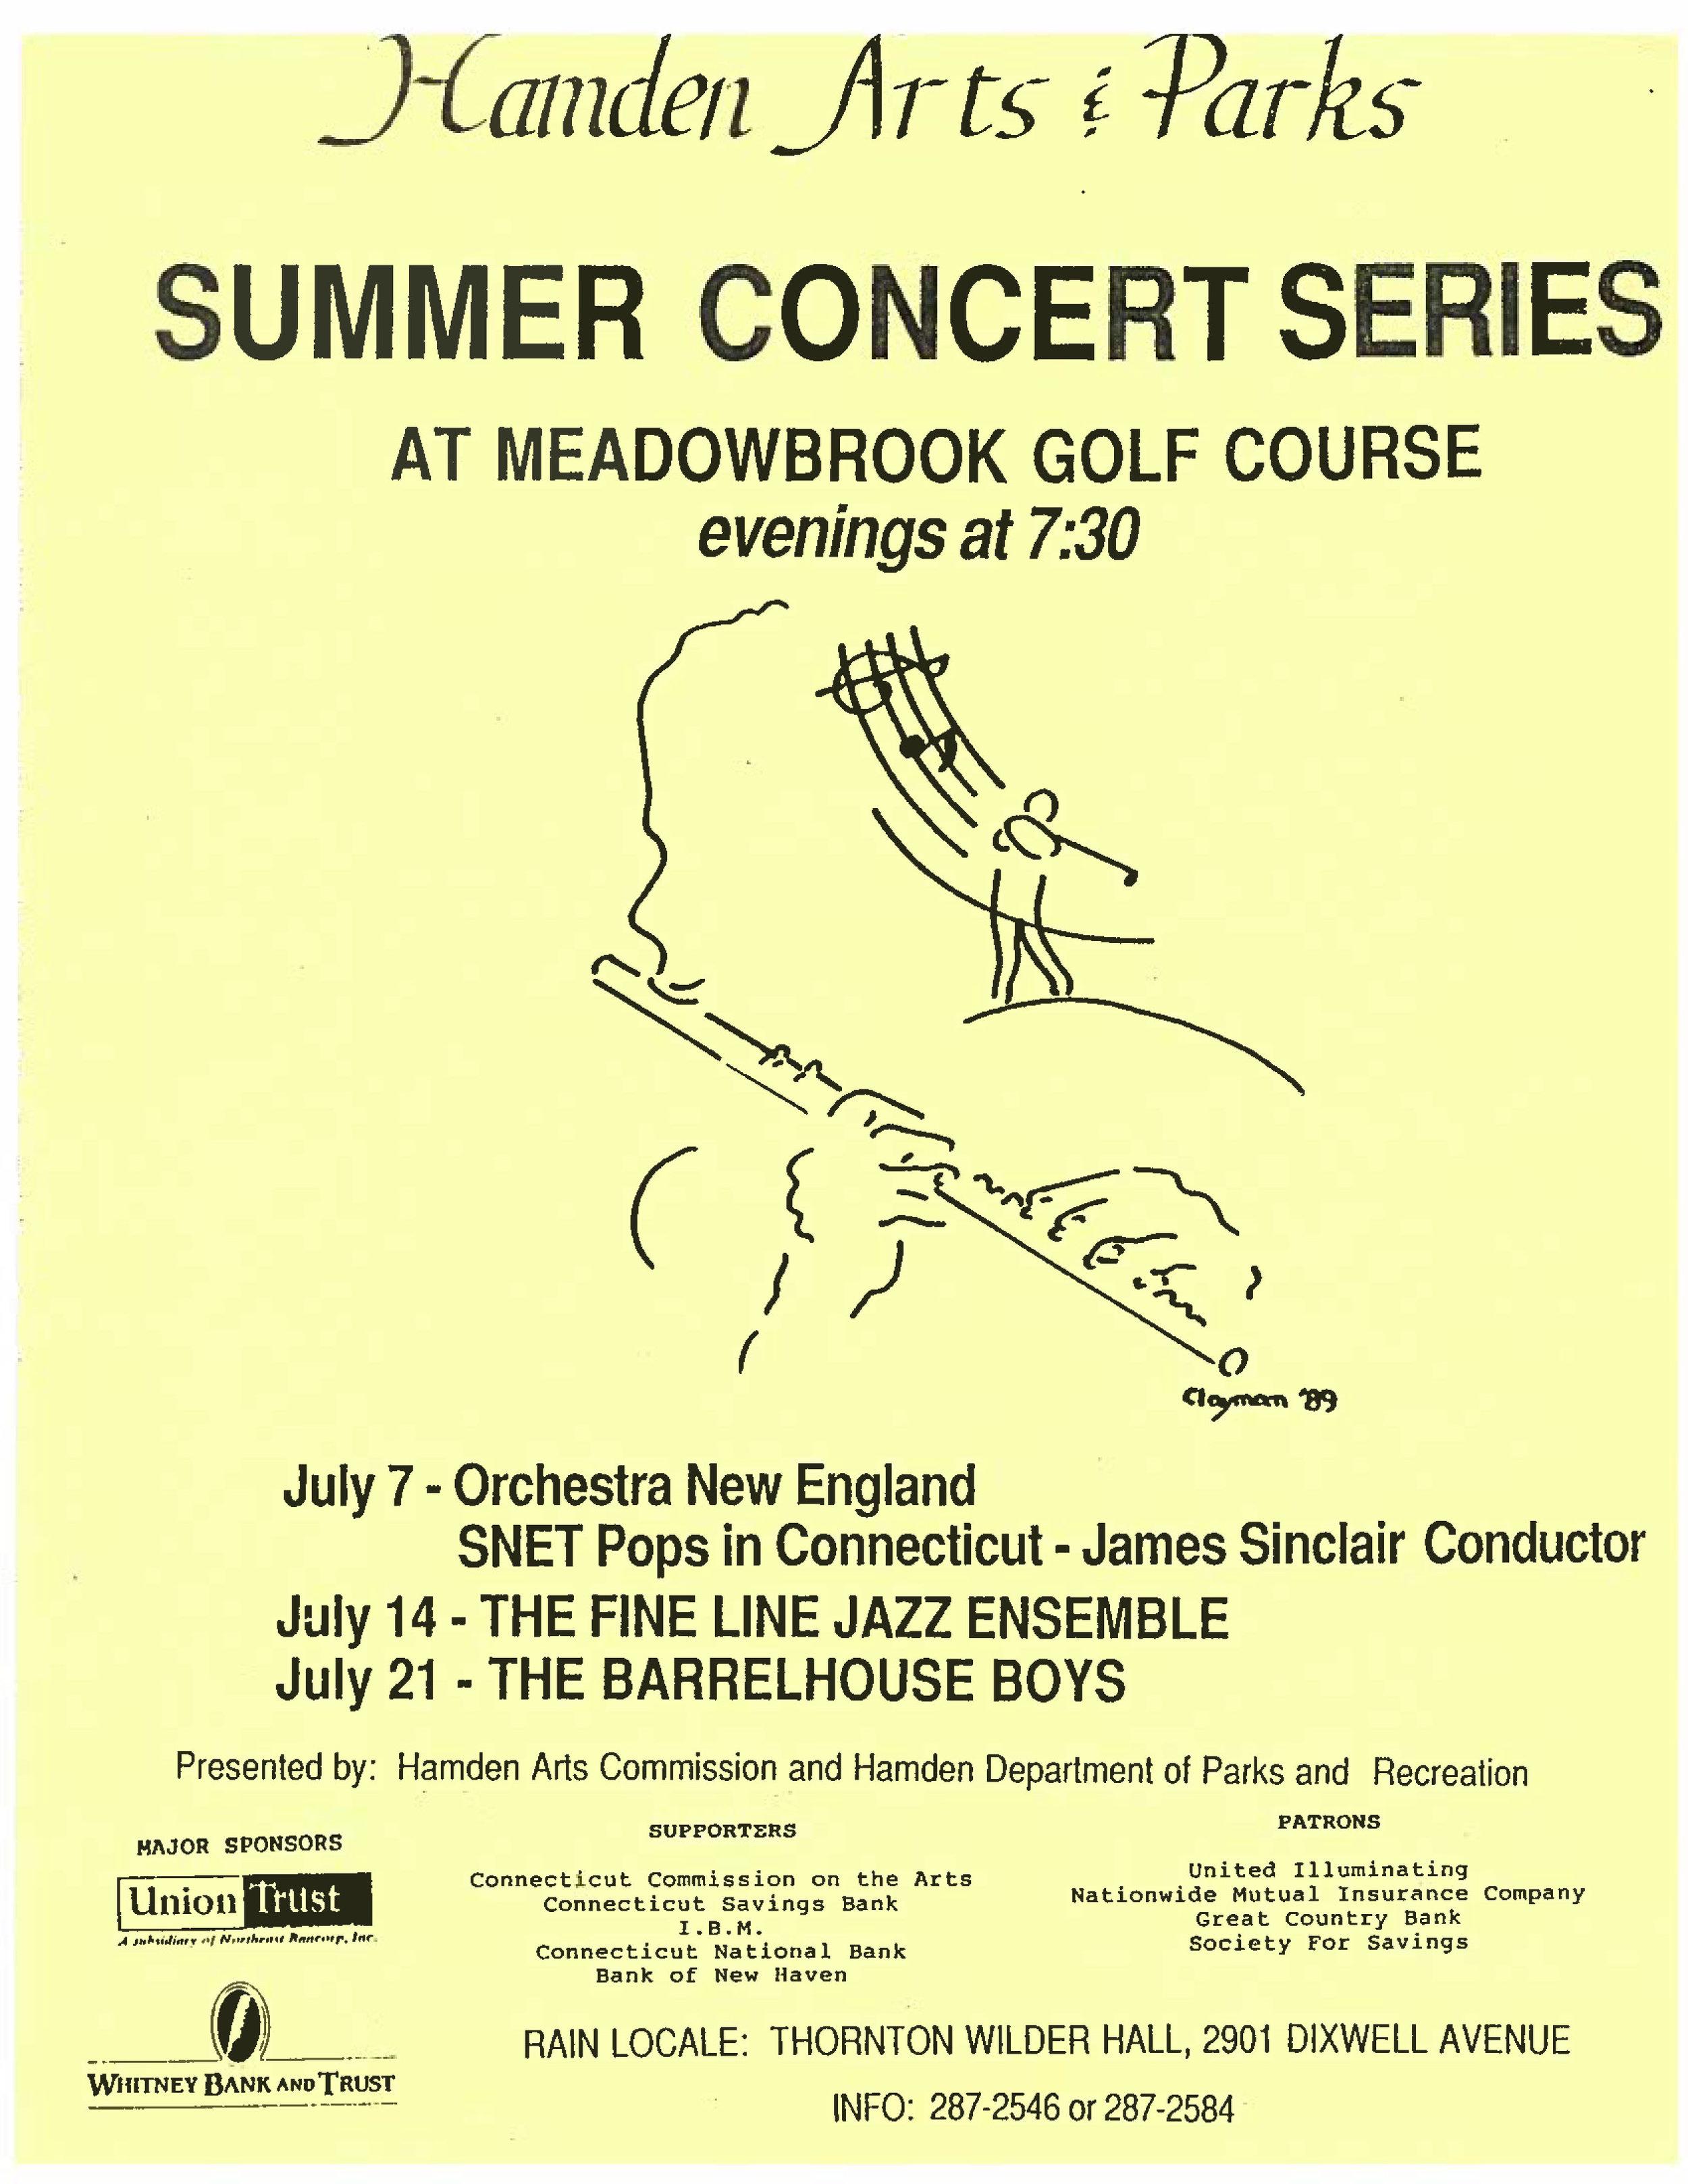 1989_Concerts Flyer.jpg